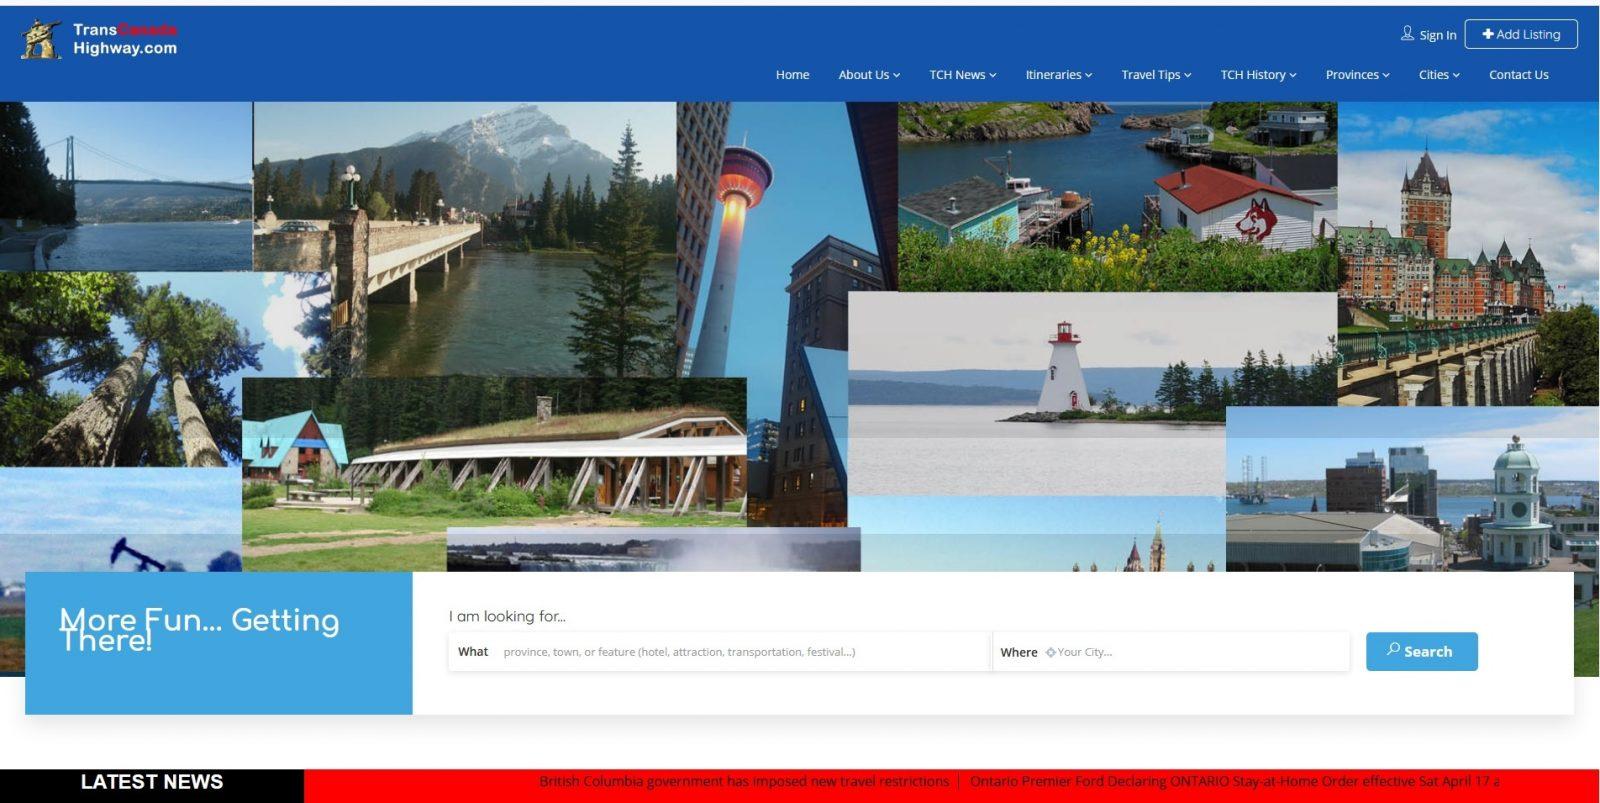 TransCanadaHighway.com Home Page